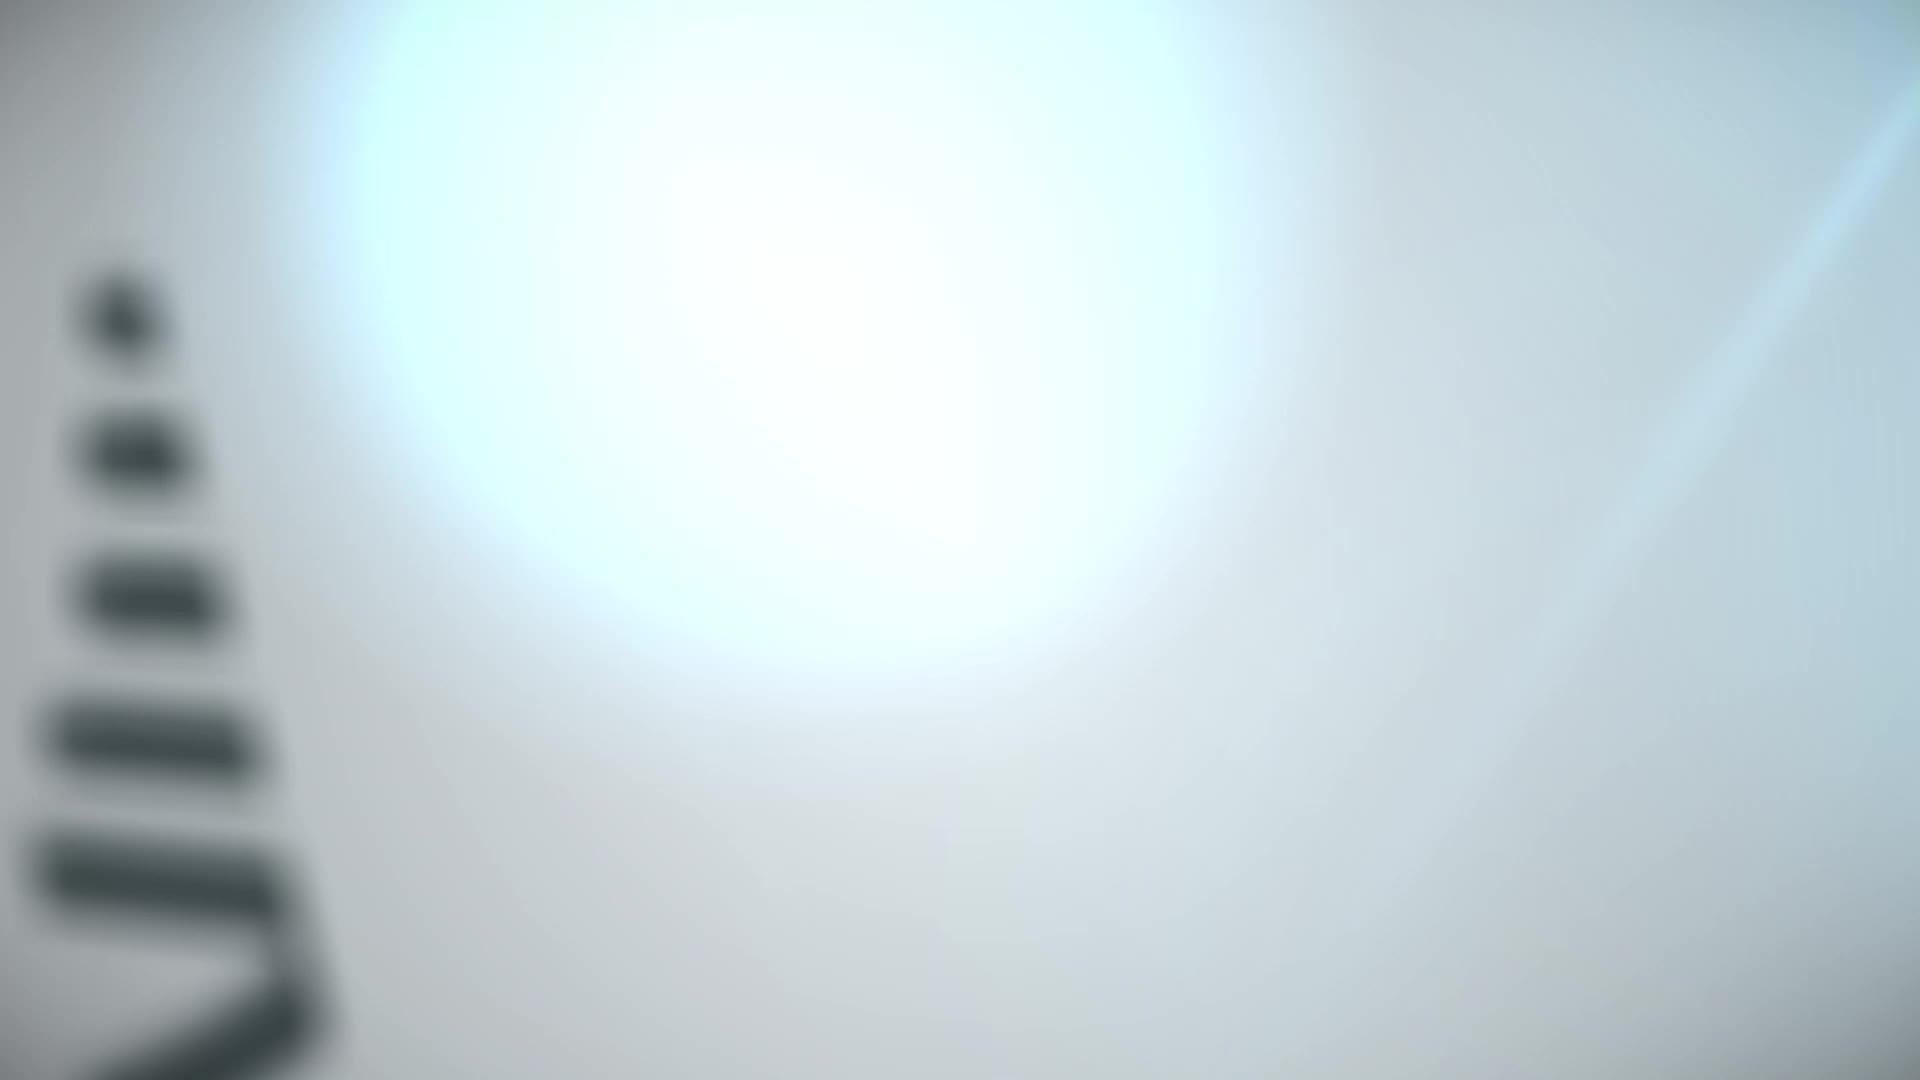 5850 Atkı Atkı Çözgü Örgü Pes Sıcak Eriyik Tela Ceket